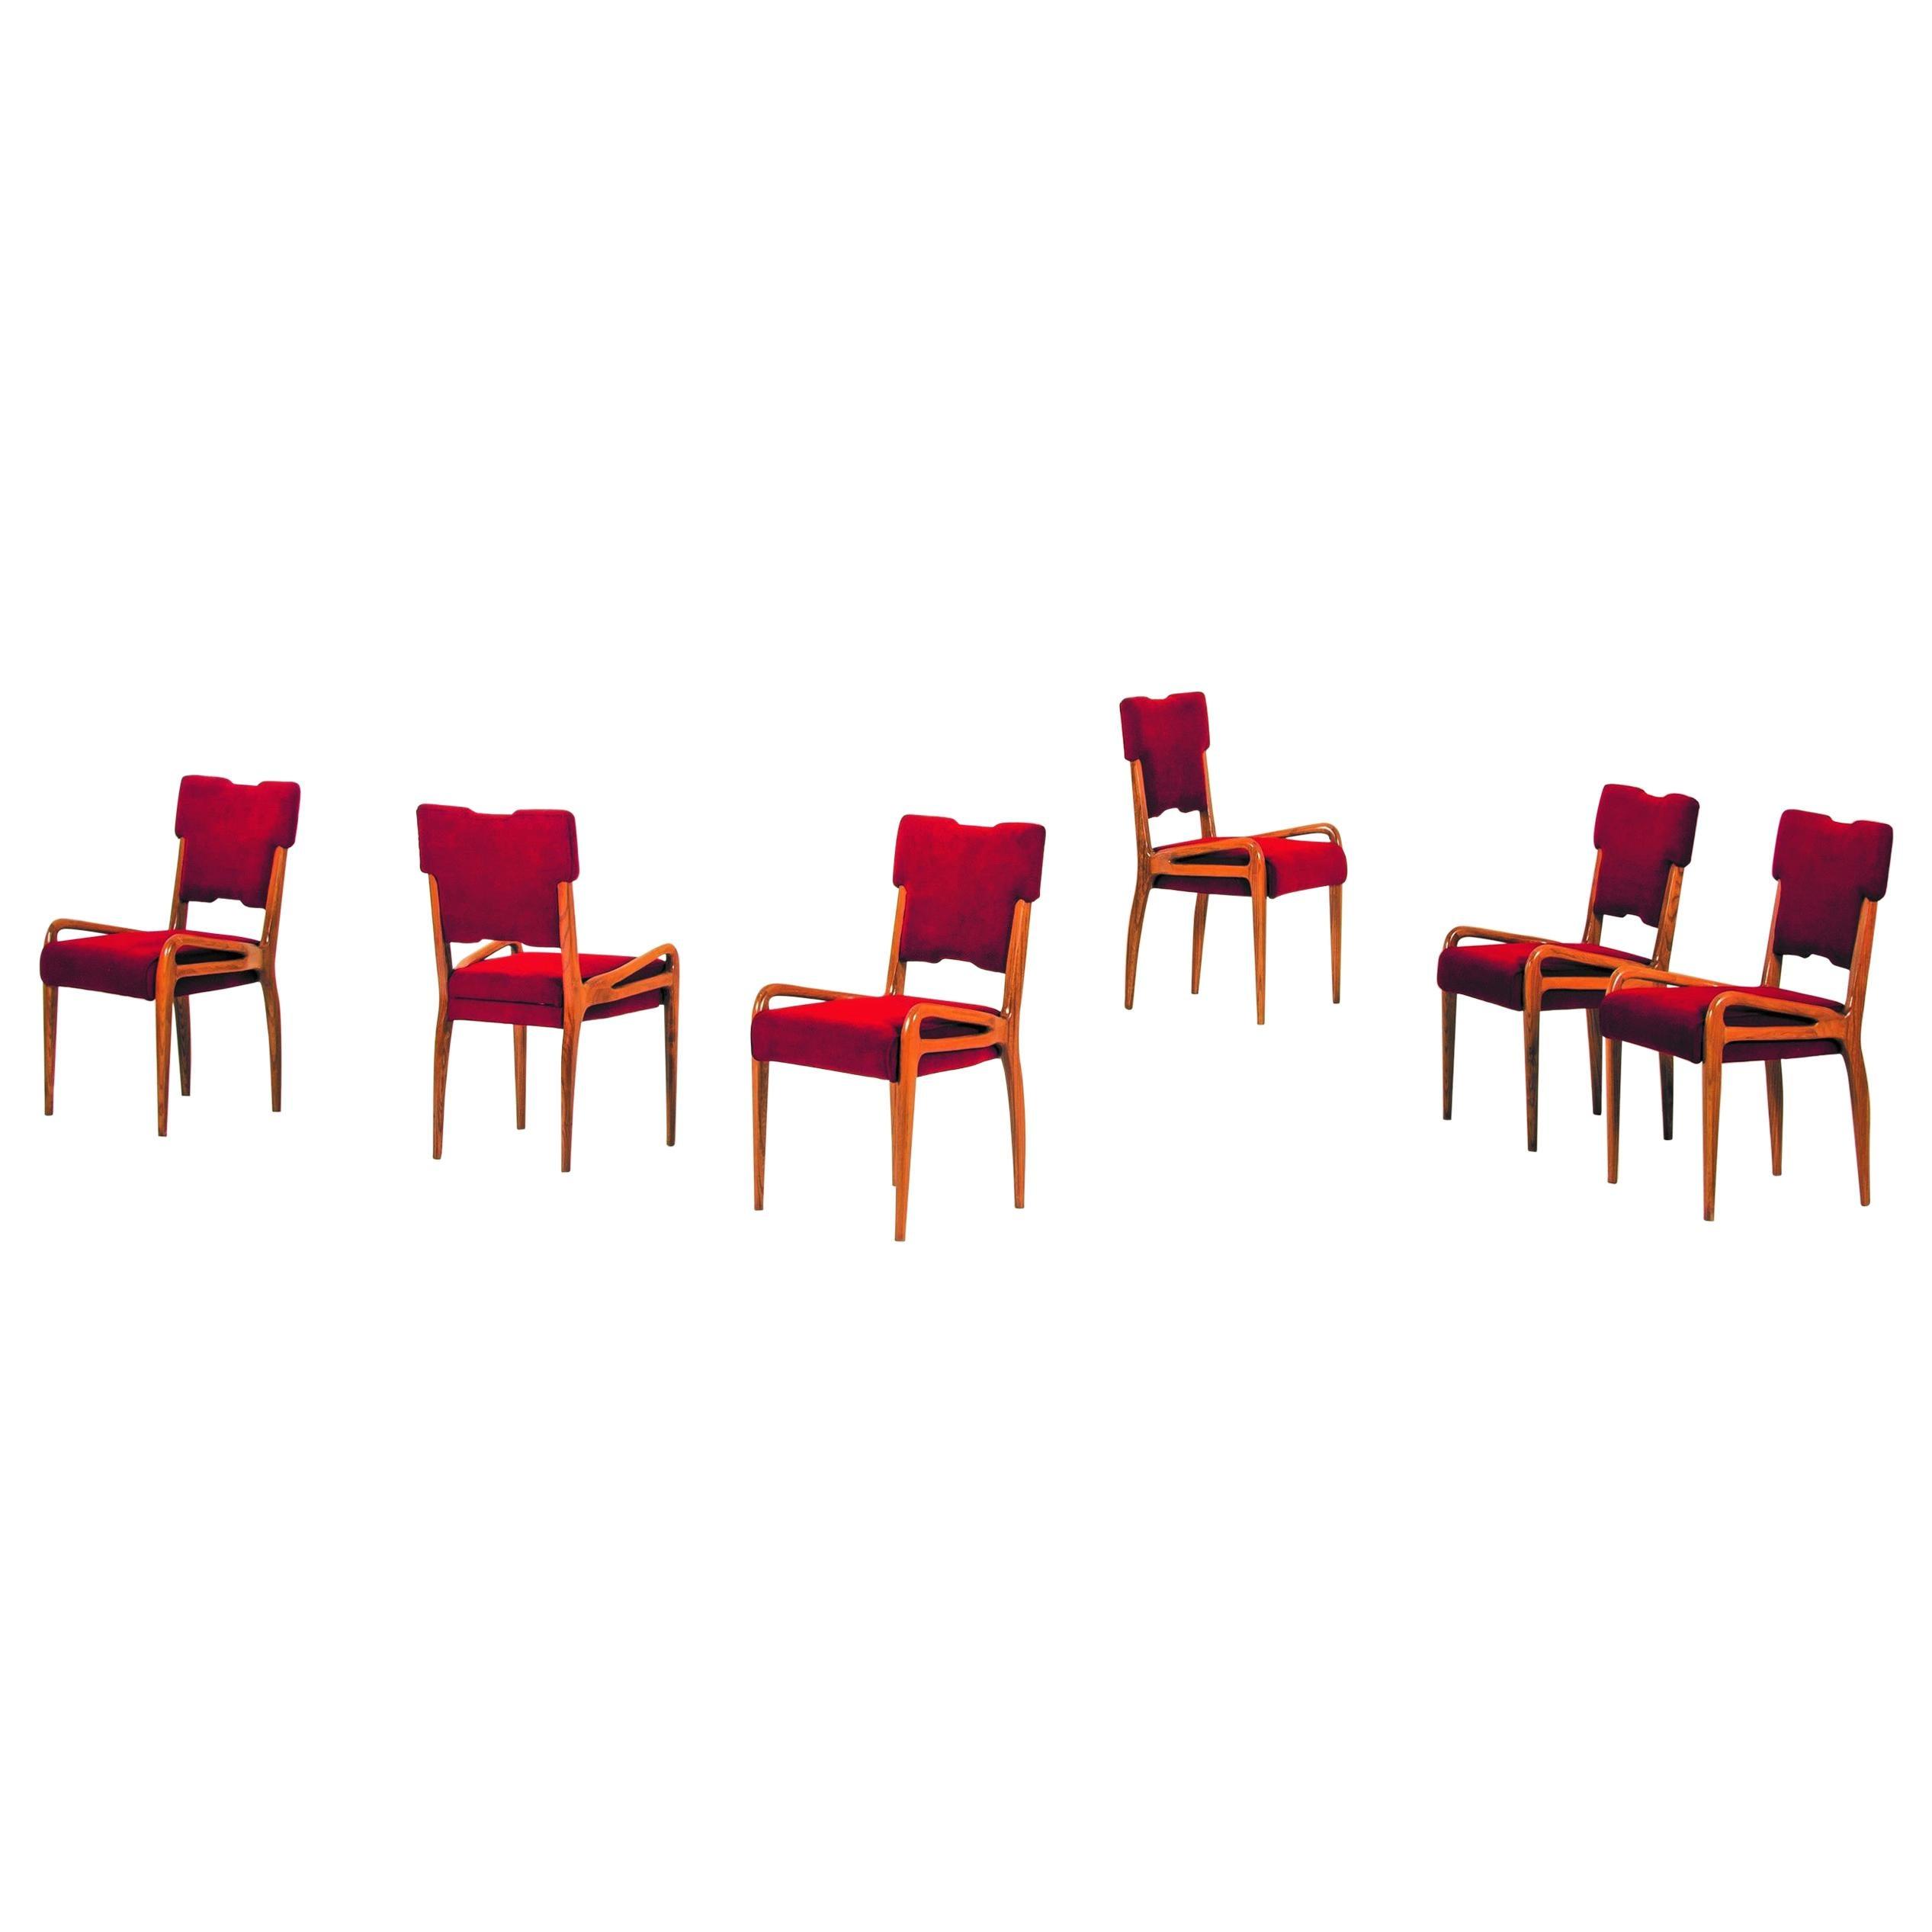 Set of Six Cassina Dining Chairs by Farina Morez Ruggero, Italy, circa 1952